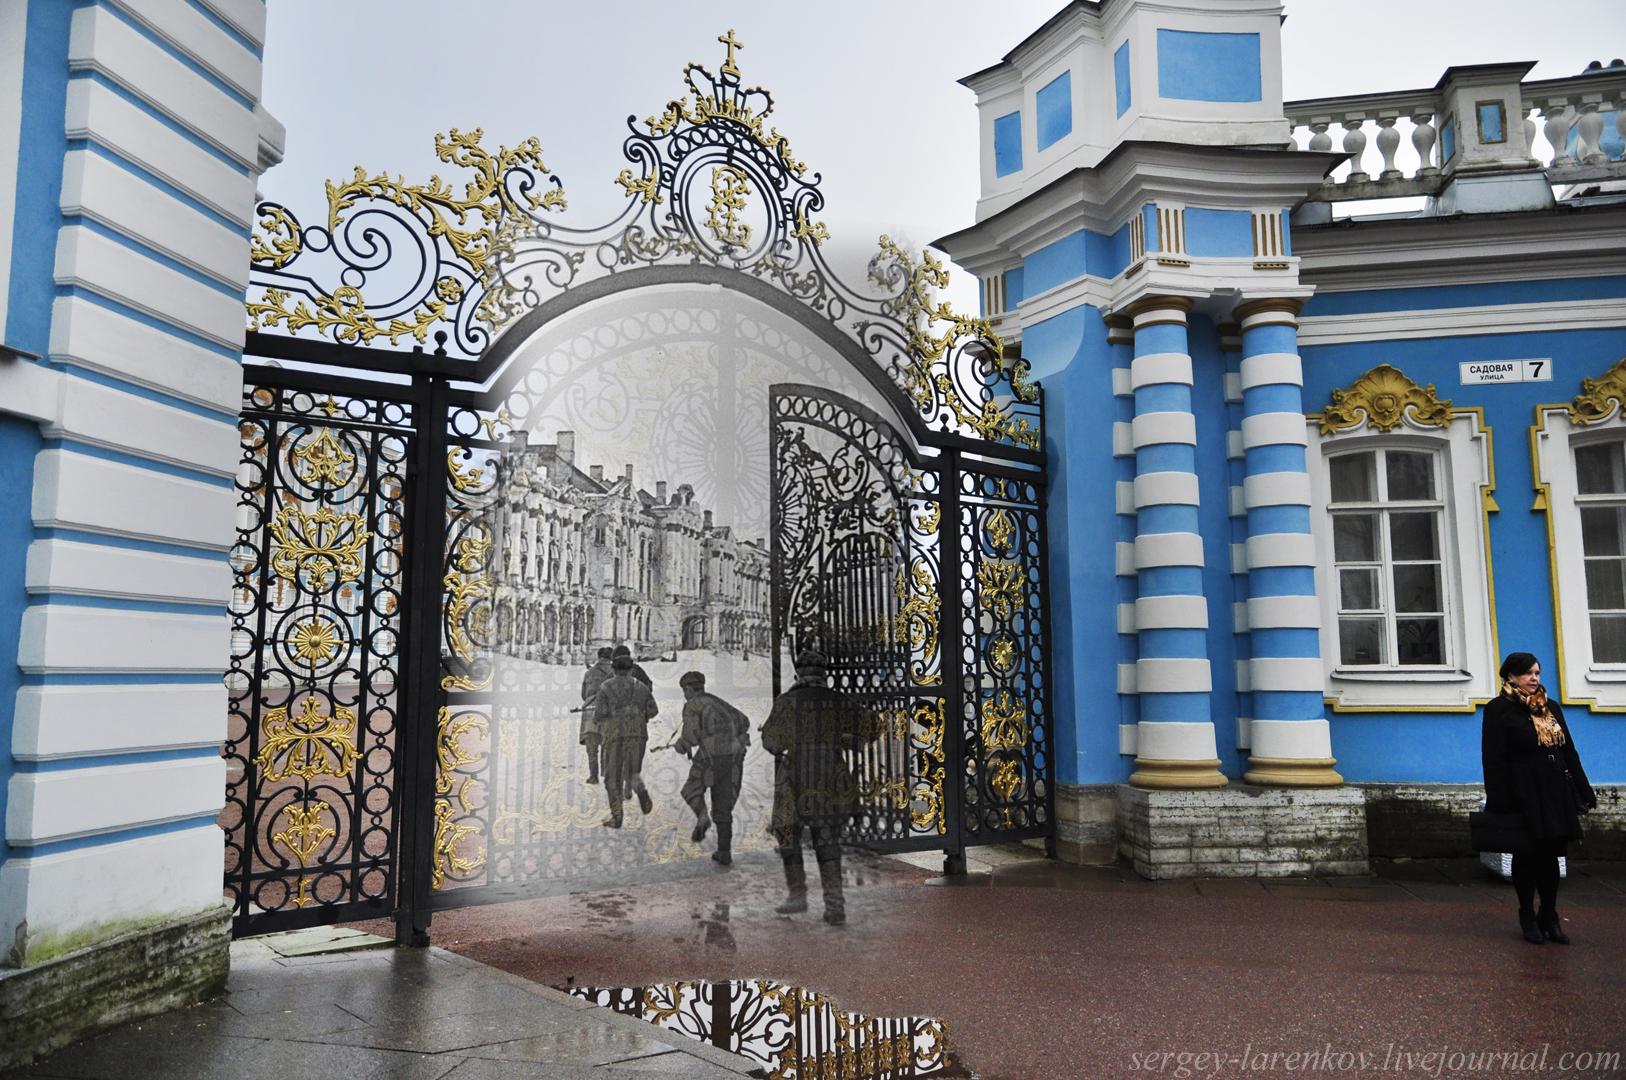 246.Пушкин 1944-2013. Бойцы Красной армии врываются на территорию Екатерининского  дворца в Пушкине